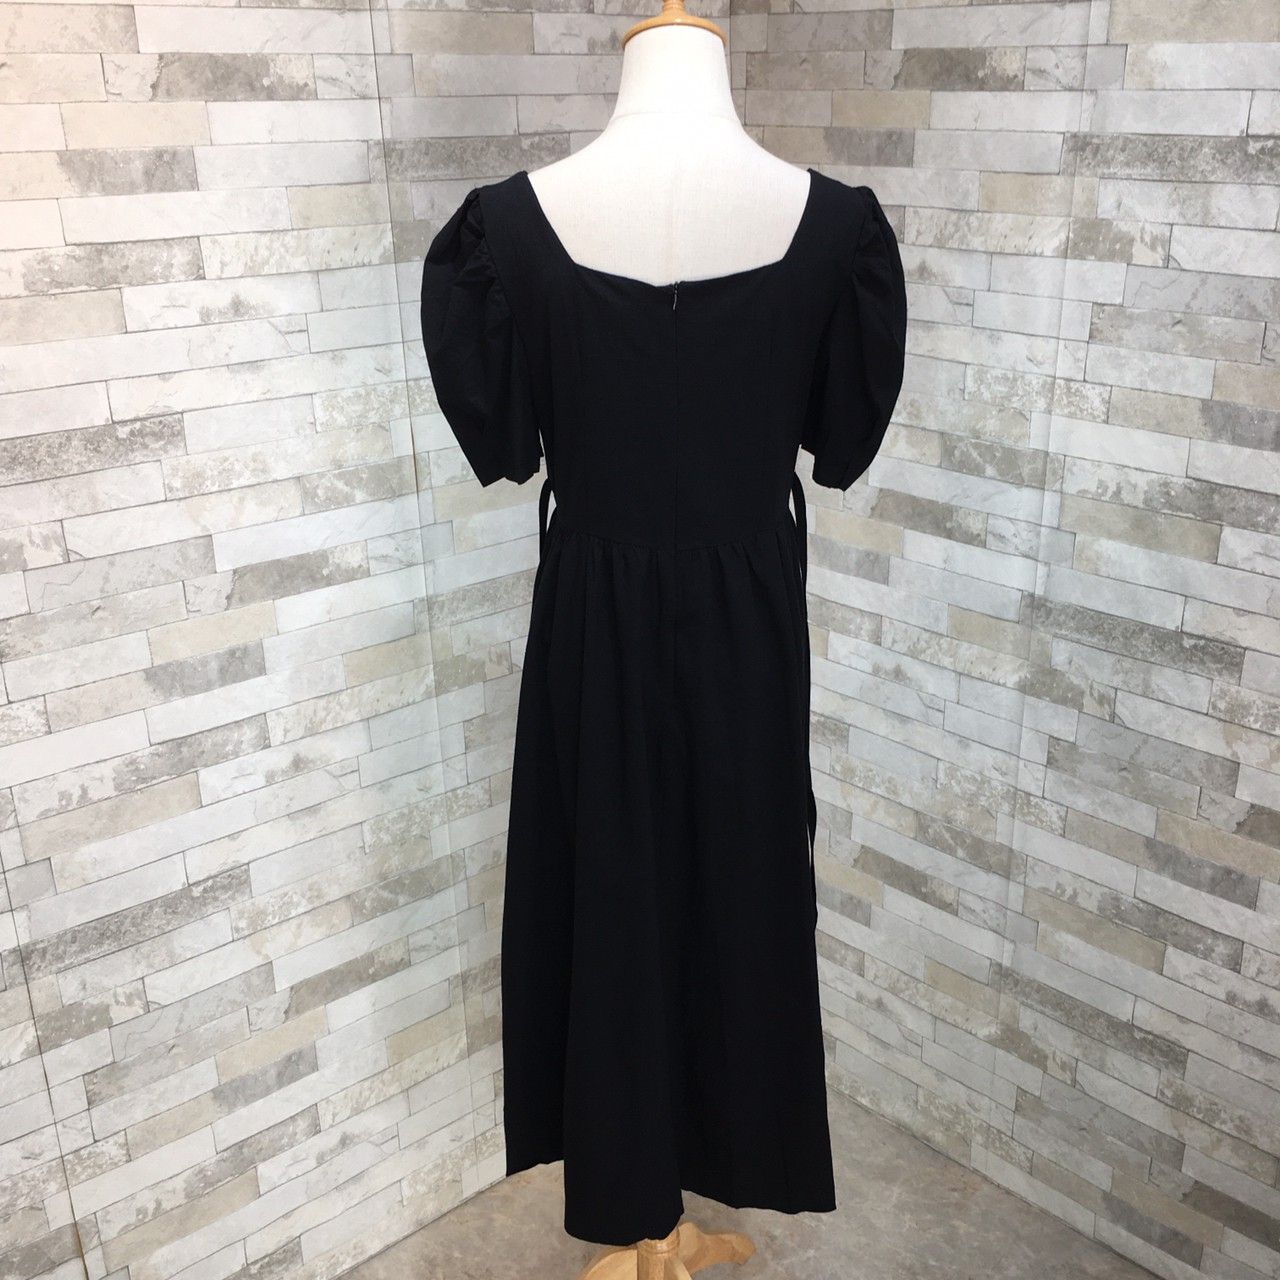 韓国 ファッション ワンピース 春 夏 カジュアル PTXJ816  パフスリーブ スクエアネック ハイウエスト オルチャン シンプル 定番 セレカジの写真19枚目